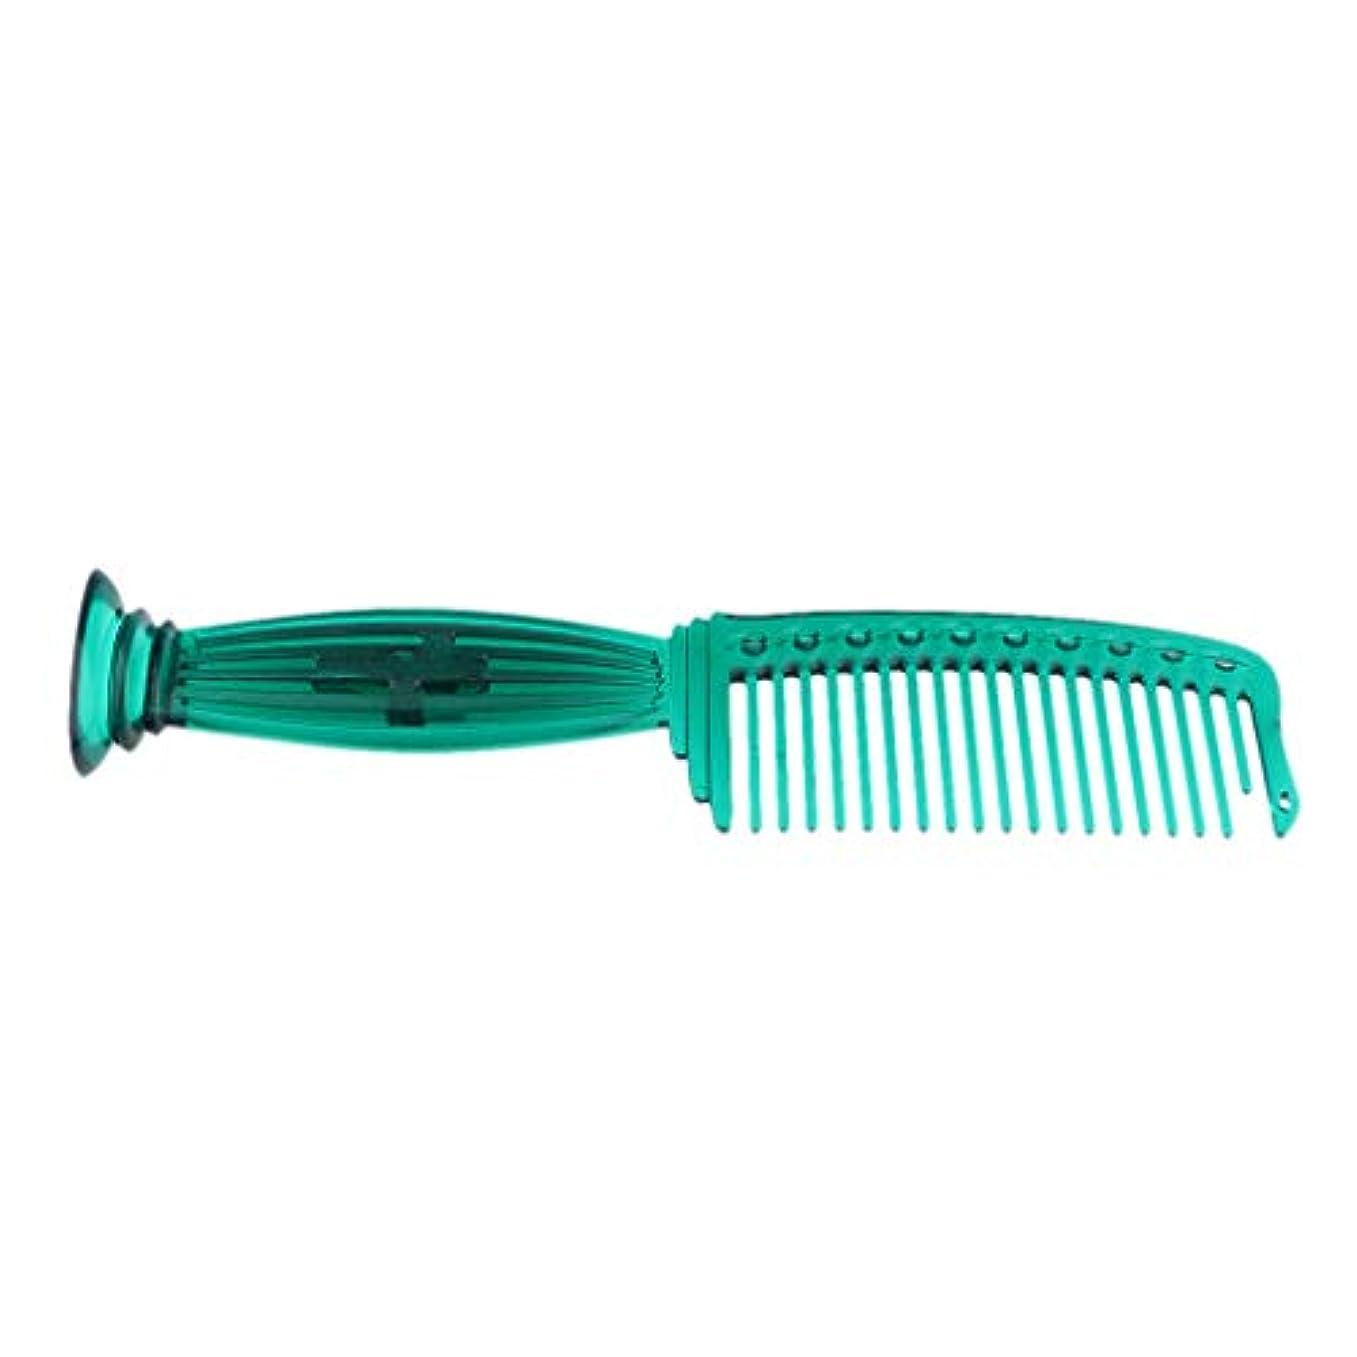 オートメーションジャケット南極全5色 ワイド歯 ヘアコーム ヘアブラシ プラスチック櫛 頭皮保護 櫛 プロ ヘアサロン 理髪師用 - 緑